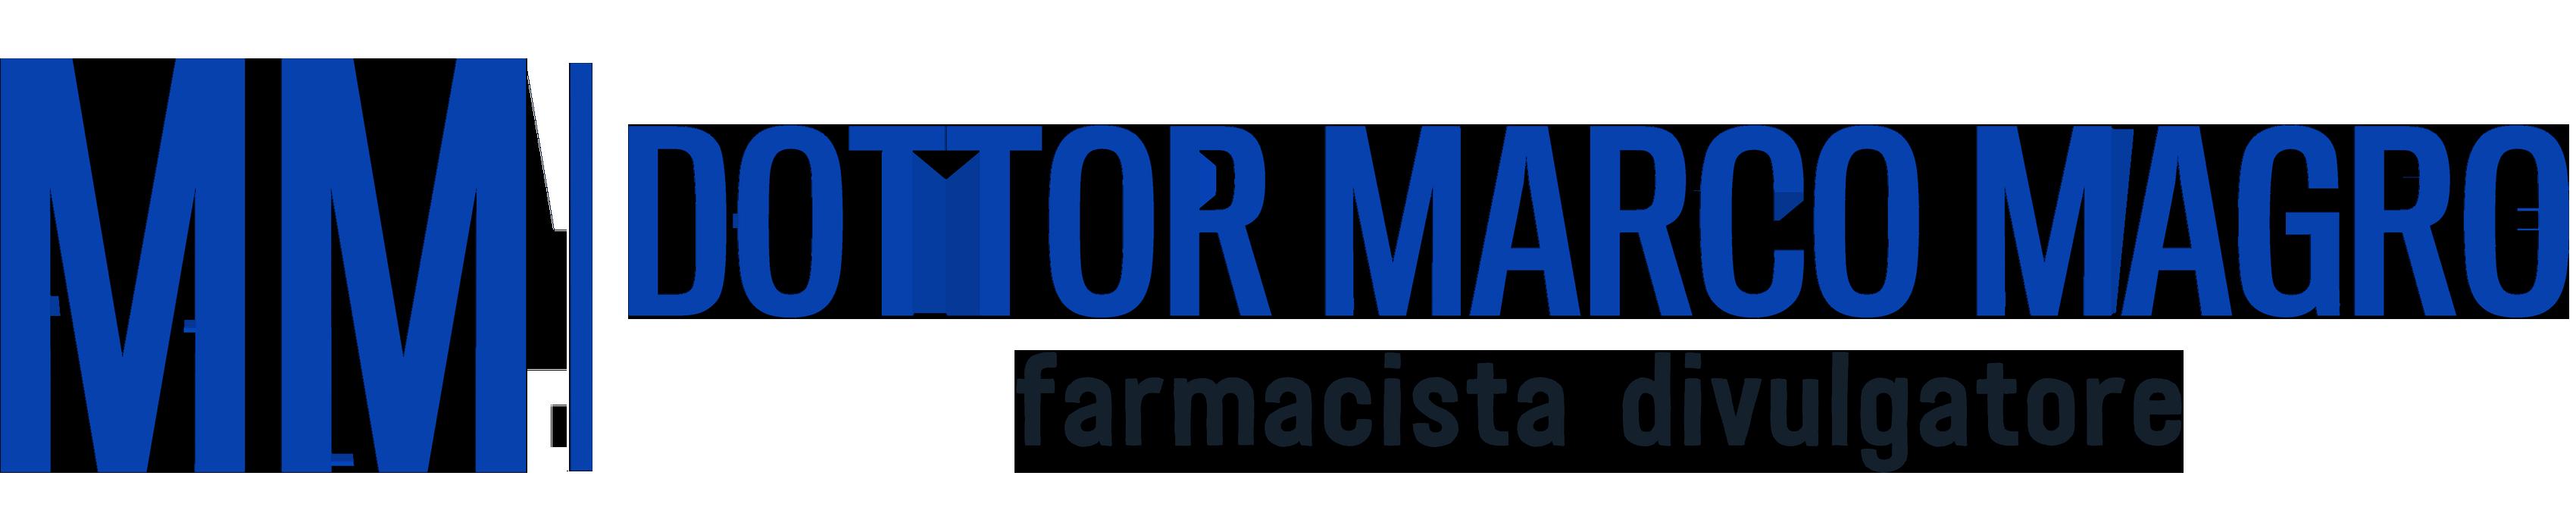 Dr. Marco Magro Logo